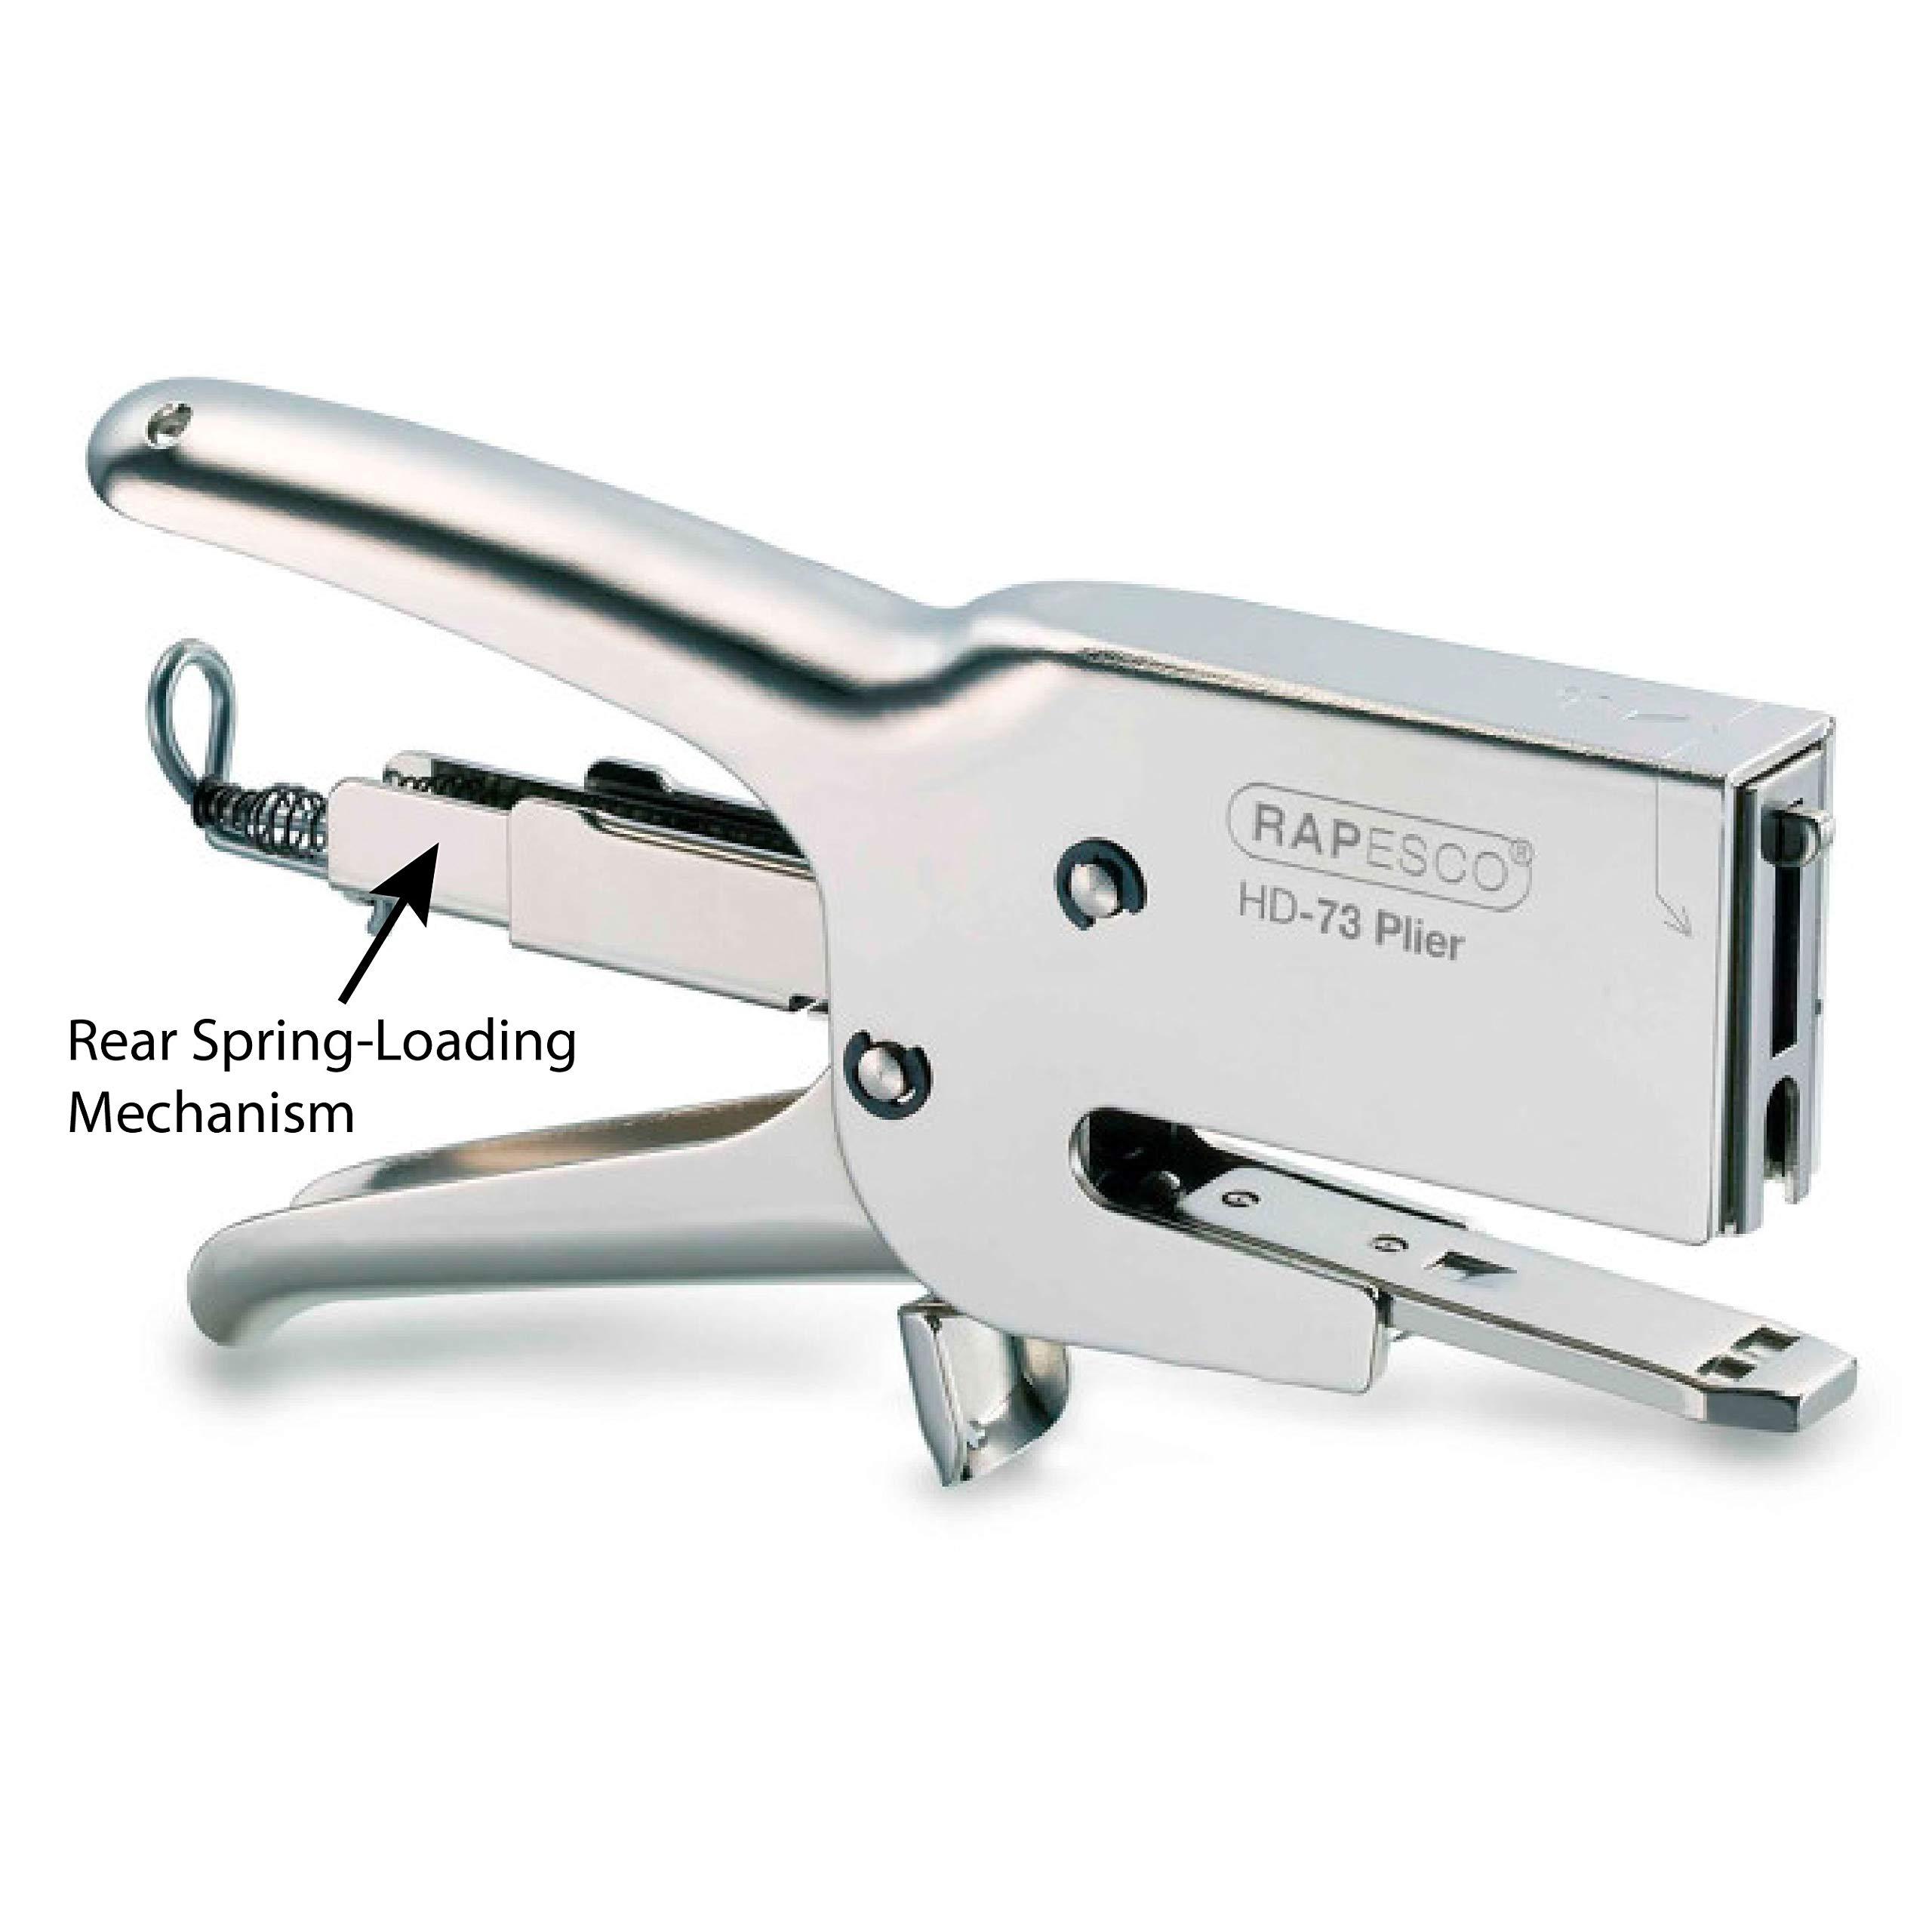 Rapesco Heavy-Duty 73 Packaging Plier Stapler, Uses 73 Type 1/4''-1/2'' Staples, Metal (1169)